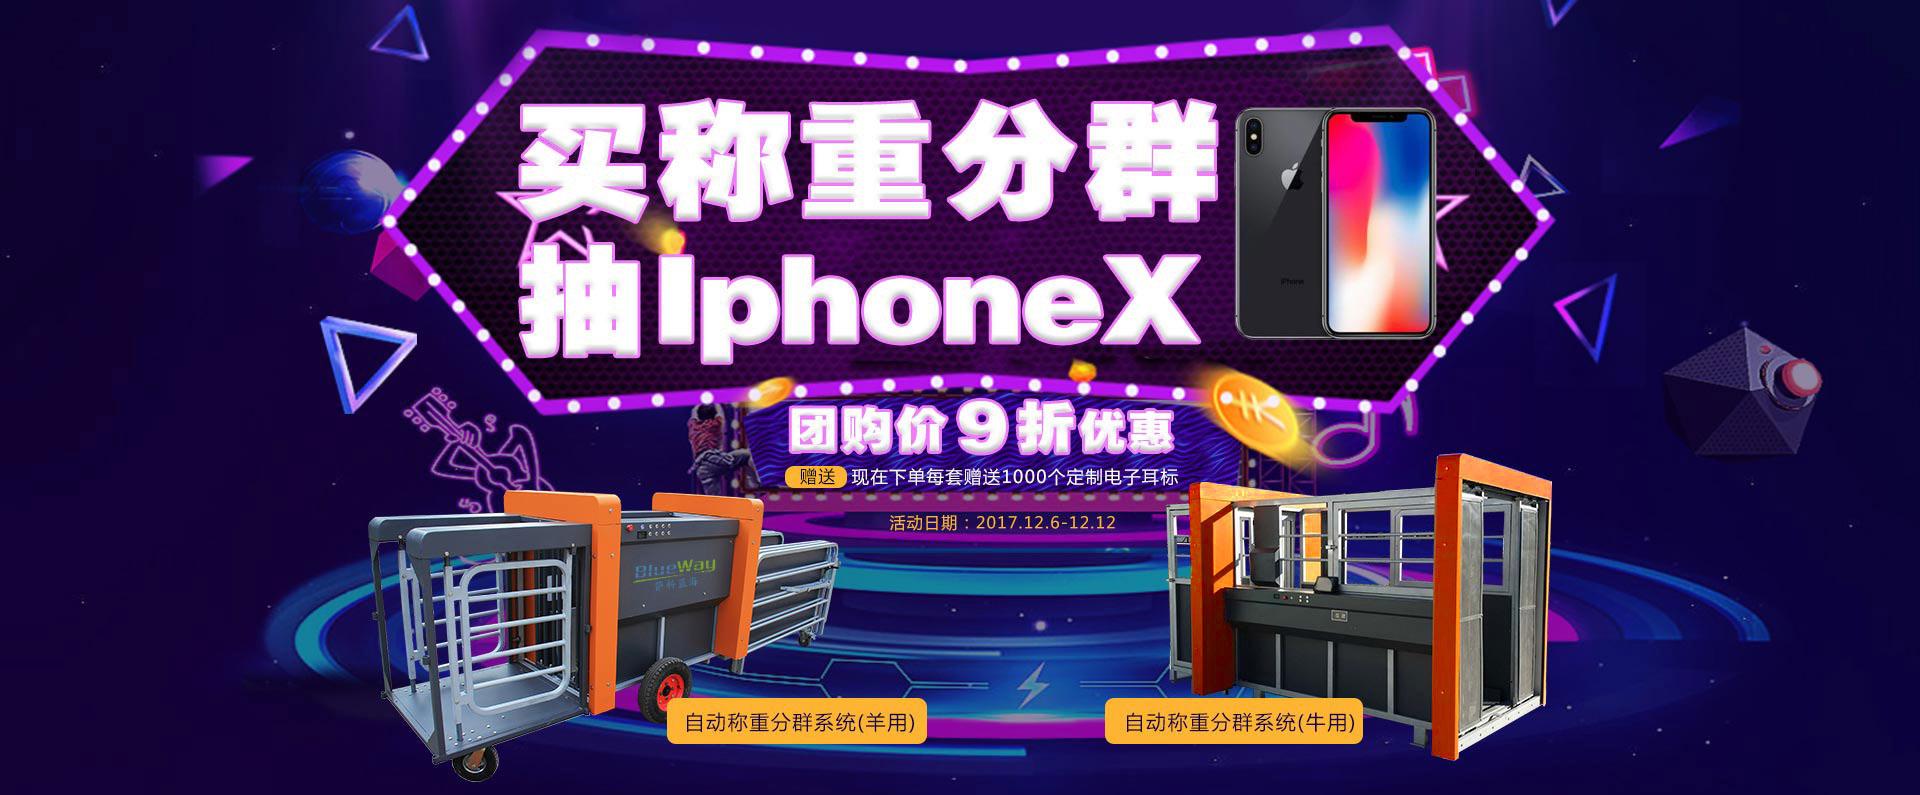 买称重分群,抽送IphoneX